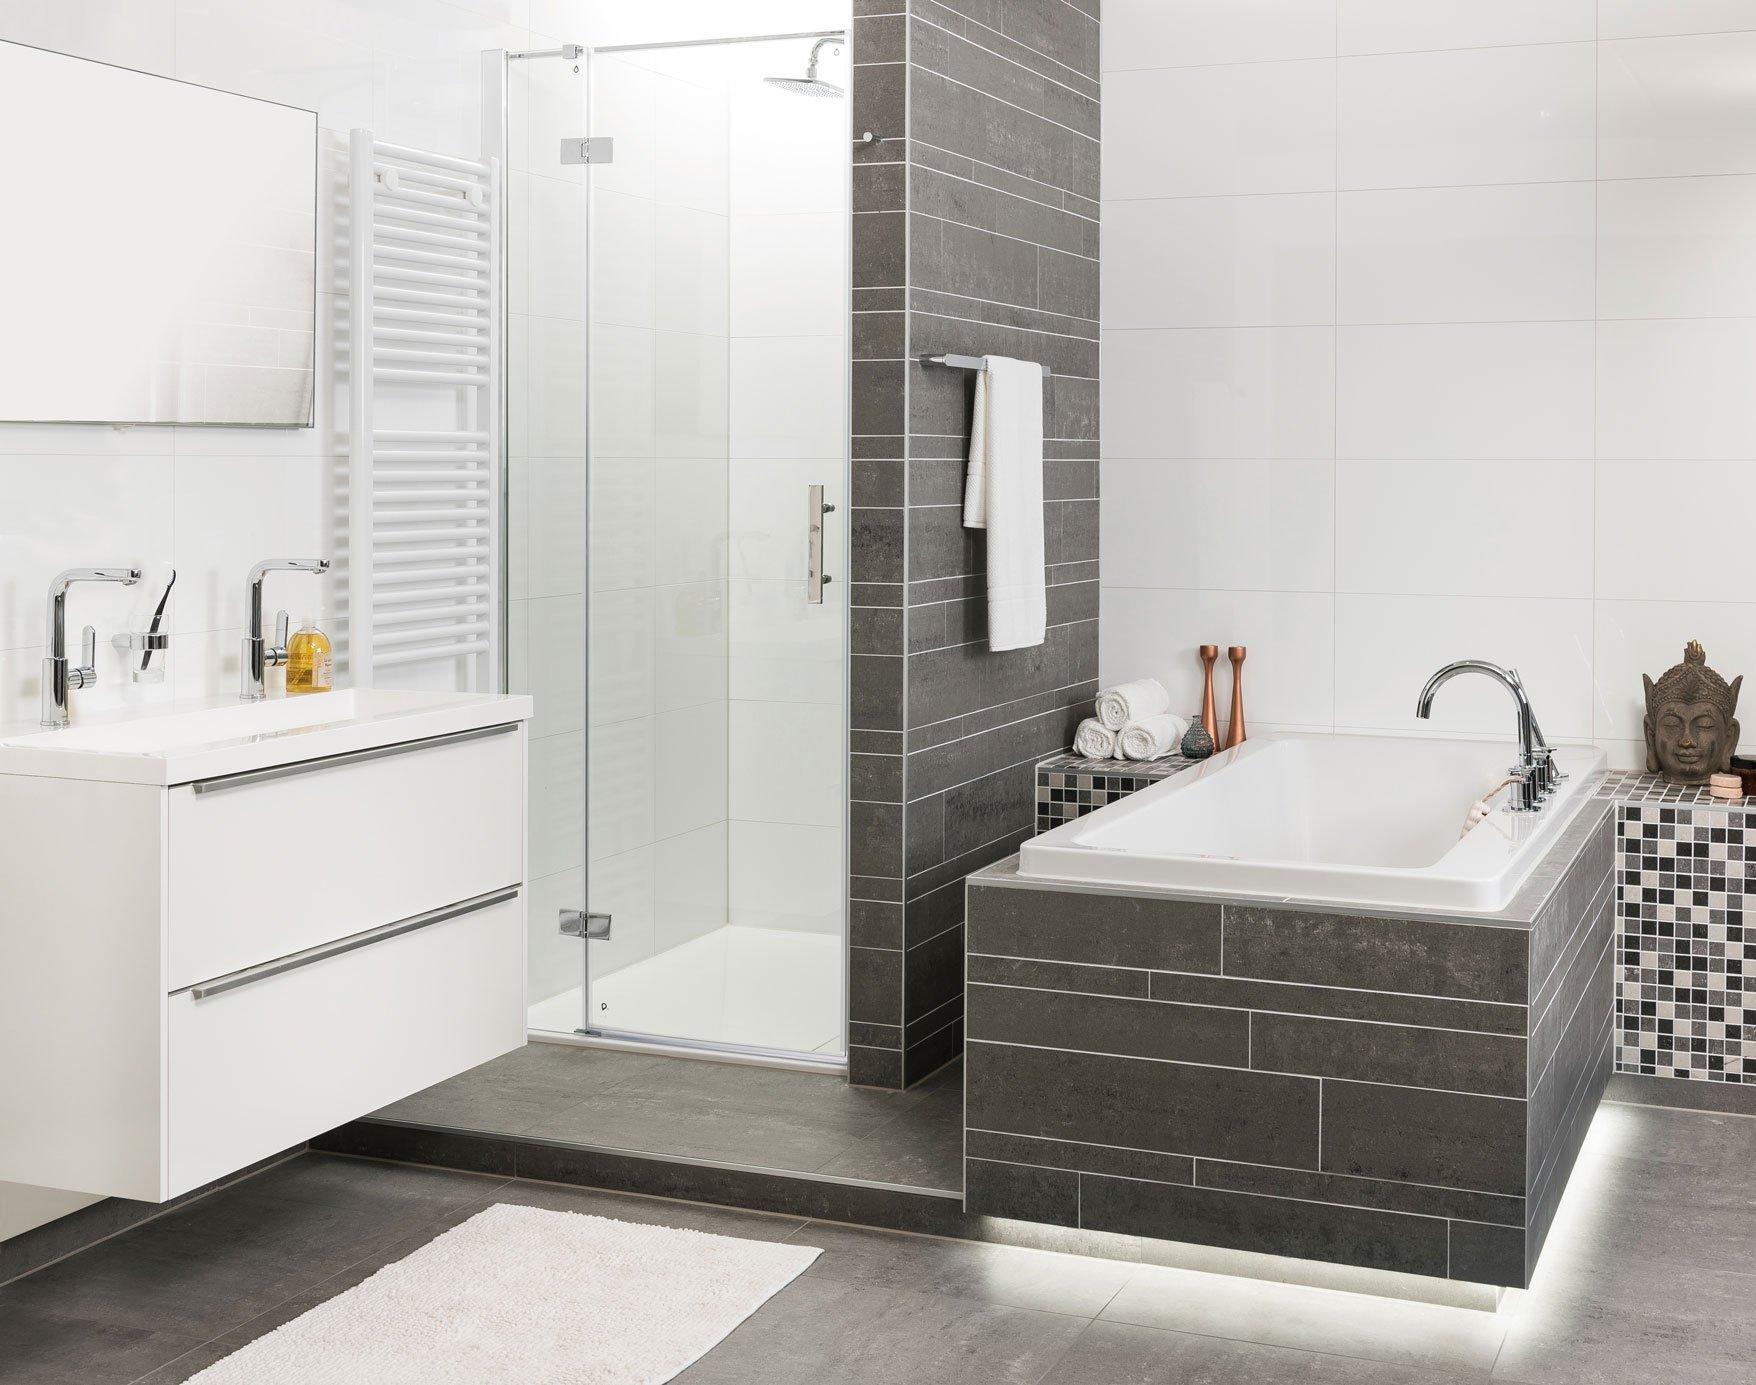 Badkamer Sanitair Brugge : Badkamer renovatie sanixl